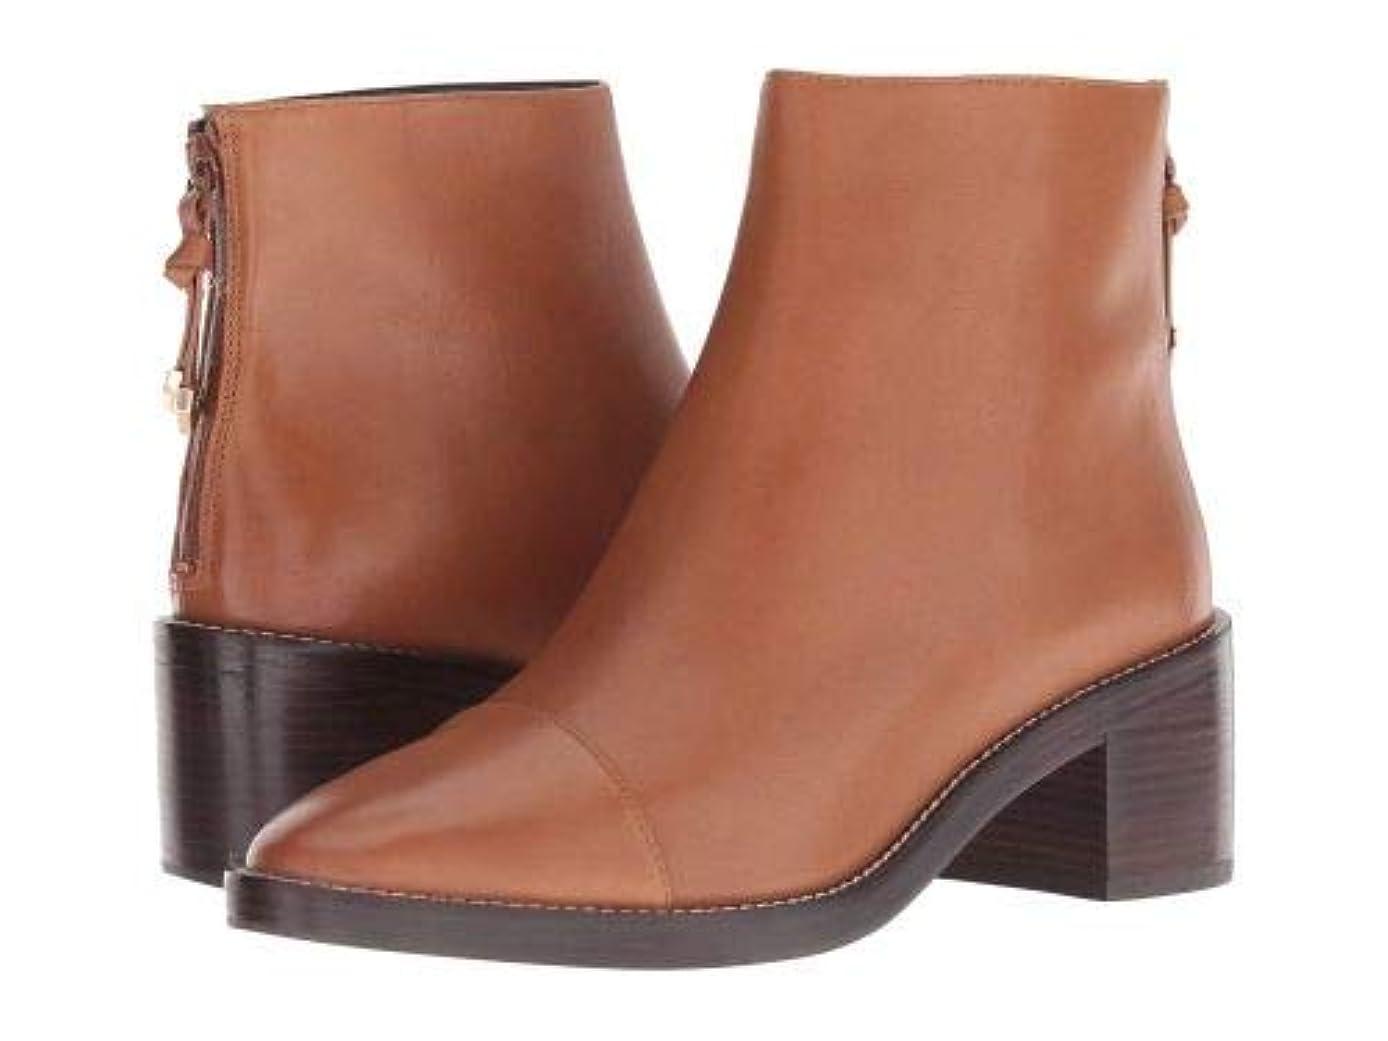 疑わしいホイスト歌詞Cole Haan(コールハーン) レディース 女性用 シューズ 靴 ブーツ アンクルブーツ ショート 50 mm Winnie Grand Bootie Waterproof - British Tan Waterproof Leather [並行輸入品]